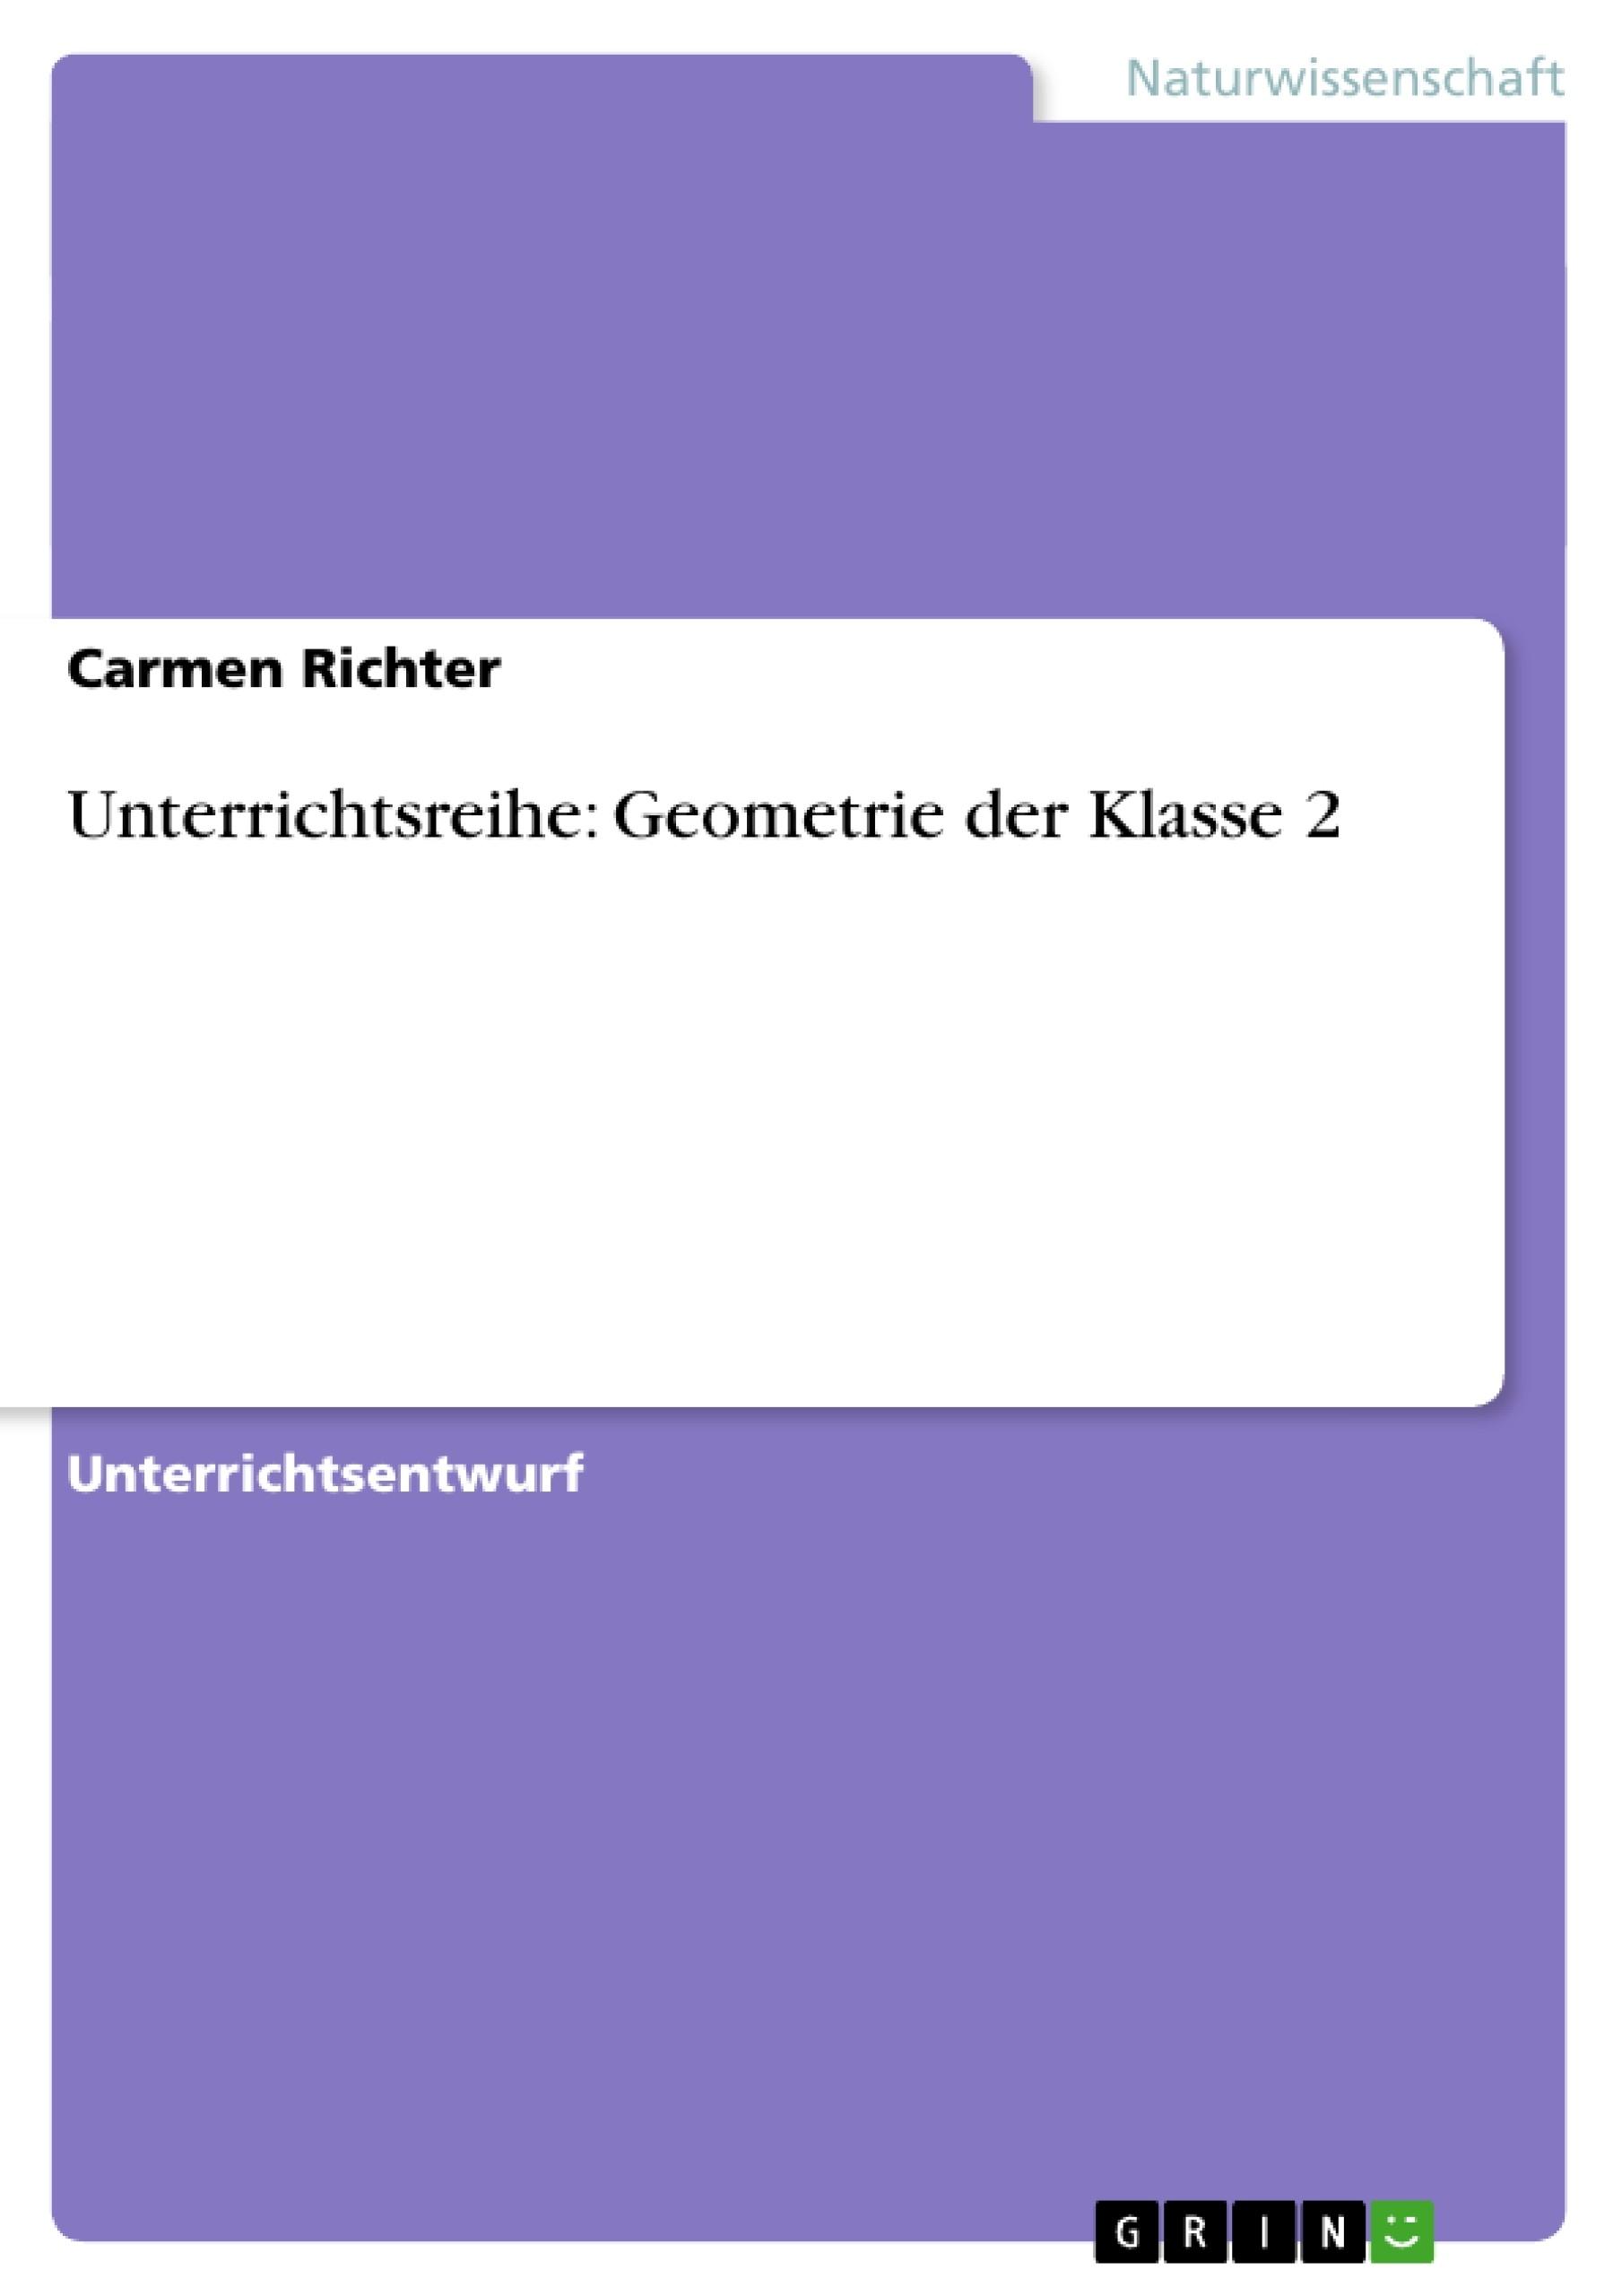 Unterrichtsreihe: Geometrie der Klasse 2 | Masterarbeit, Hausarbeit ...